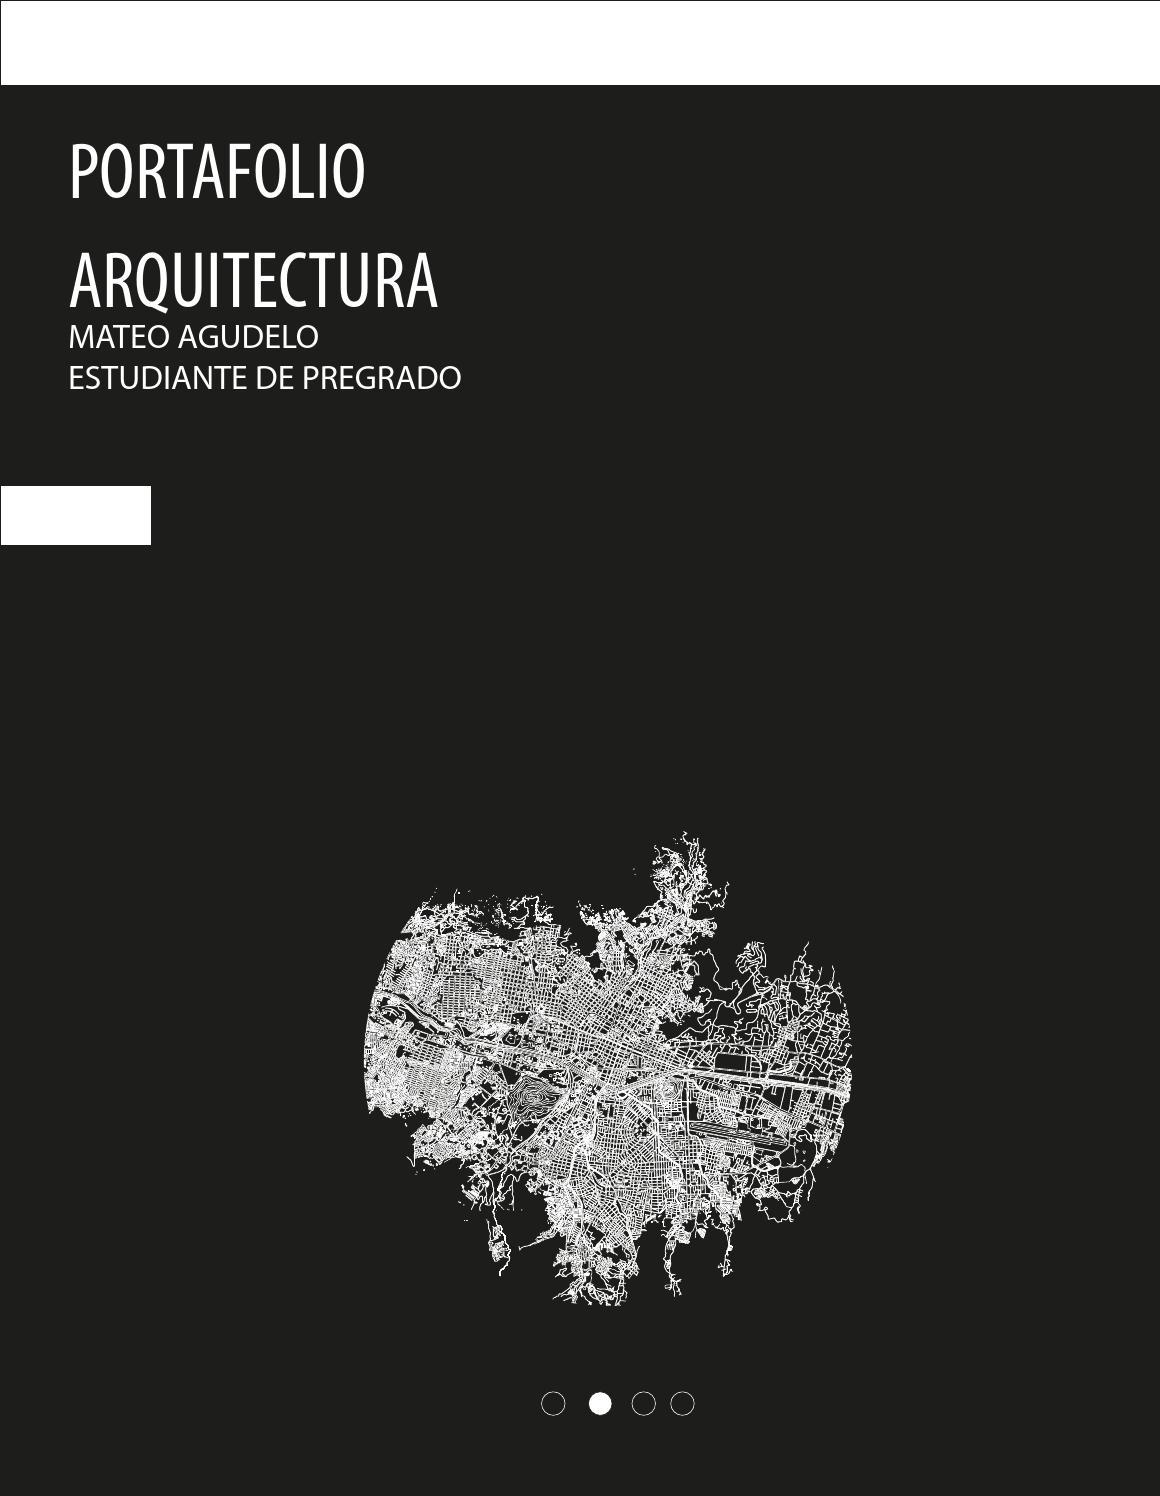 Portafolio arquitectura mateo agudelo by mateo agudelo issuu for Portadas de arquitectura